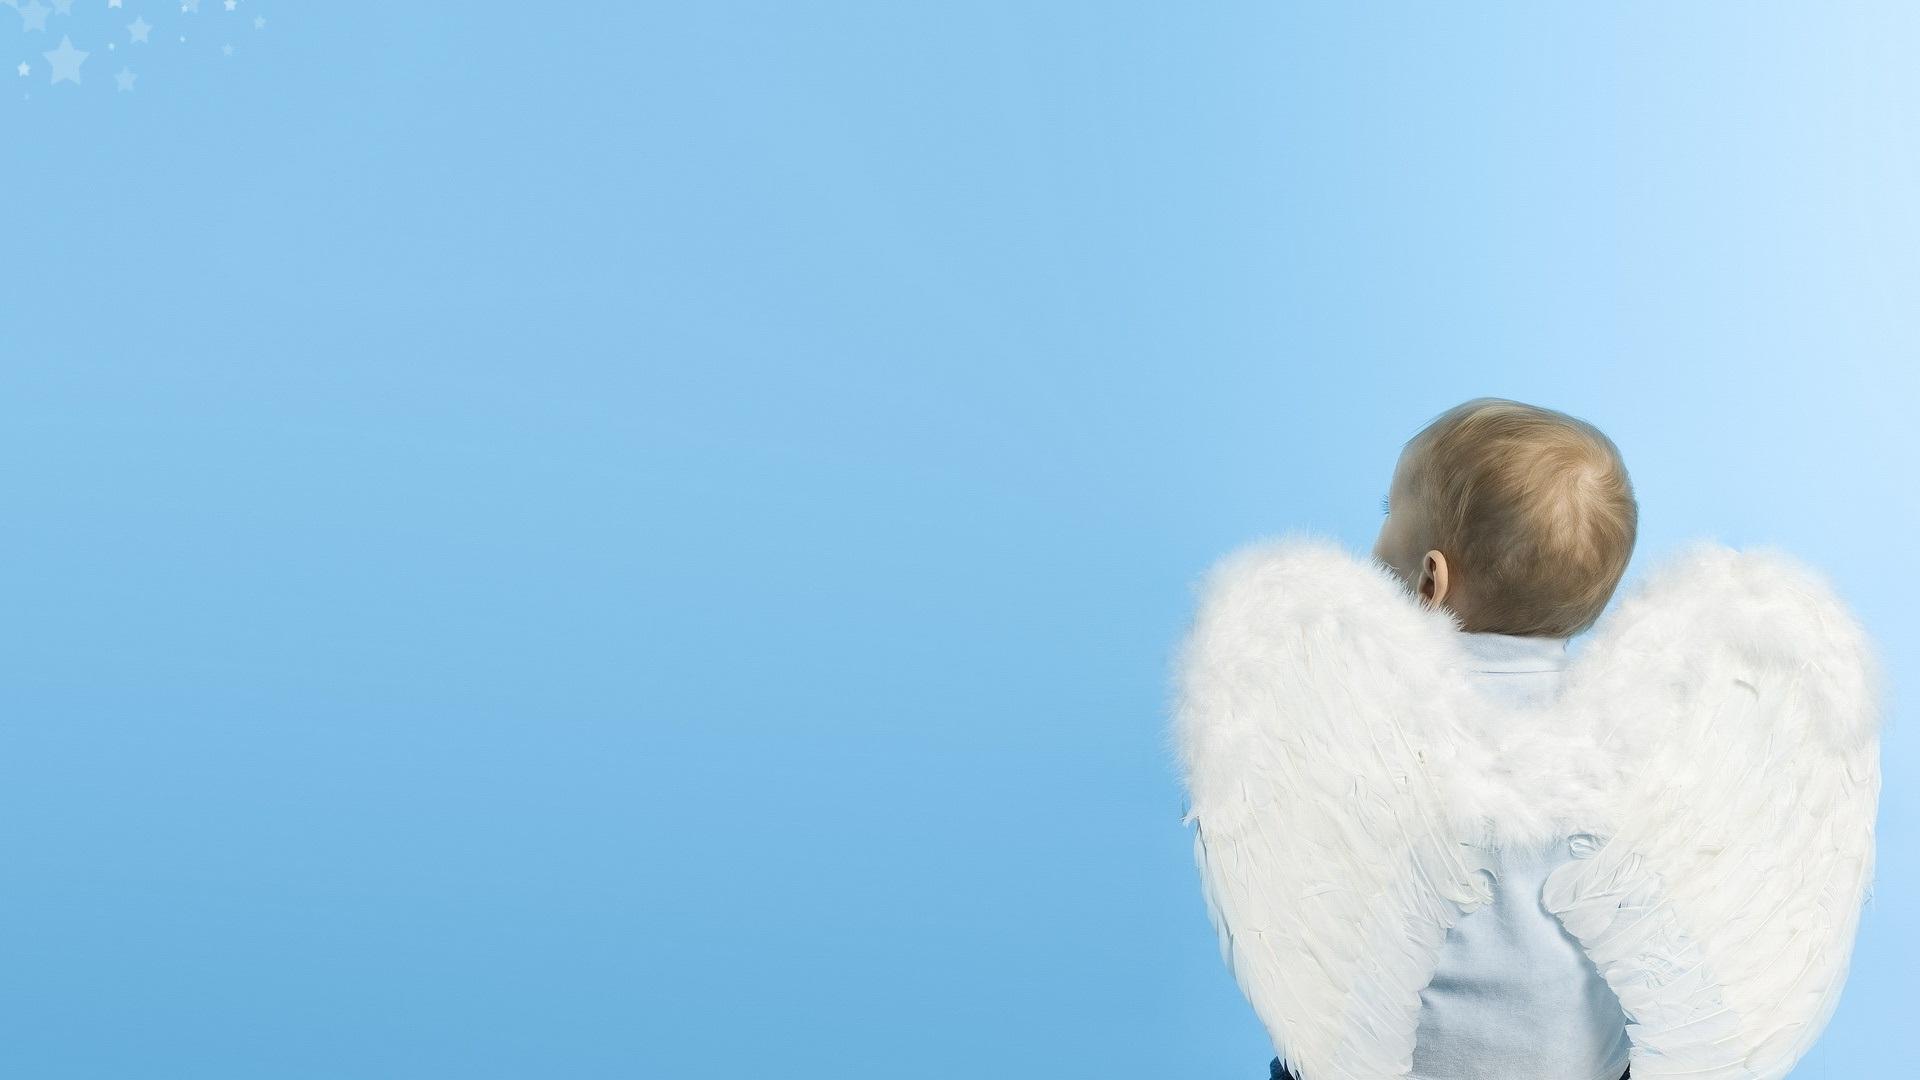 обои для рабочего стола широкоформатные ангел № 6389  скачать